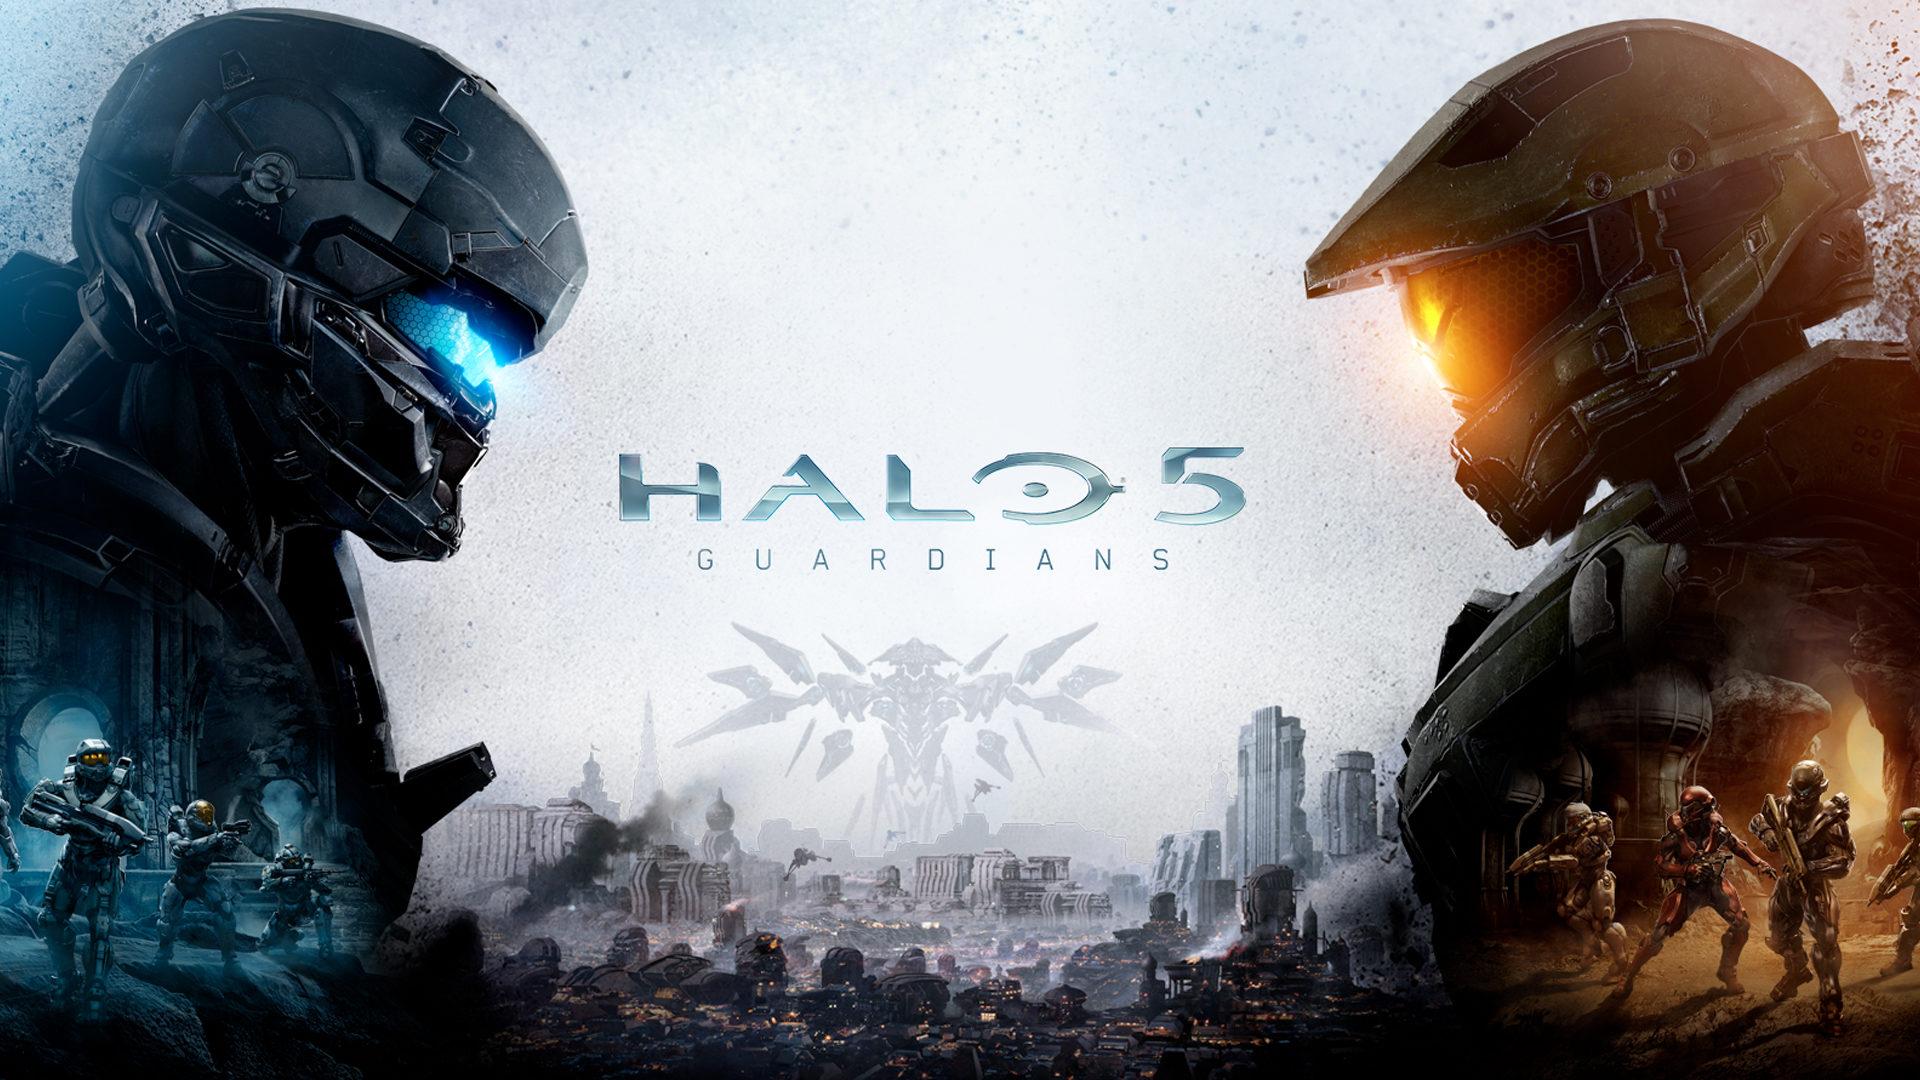 Halo 5: Forge sarà disponibile sul Windows Store a Settembre